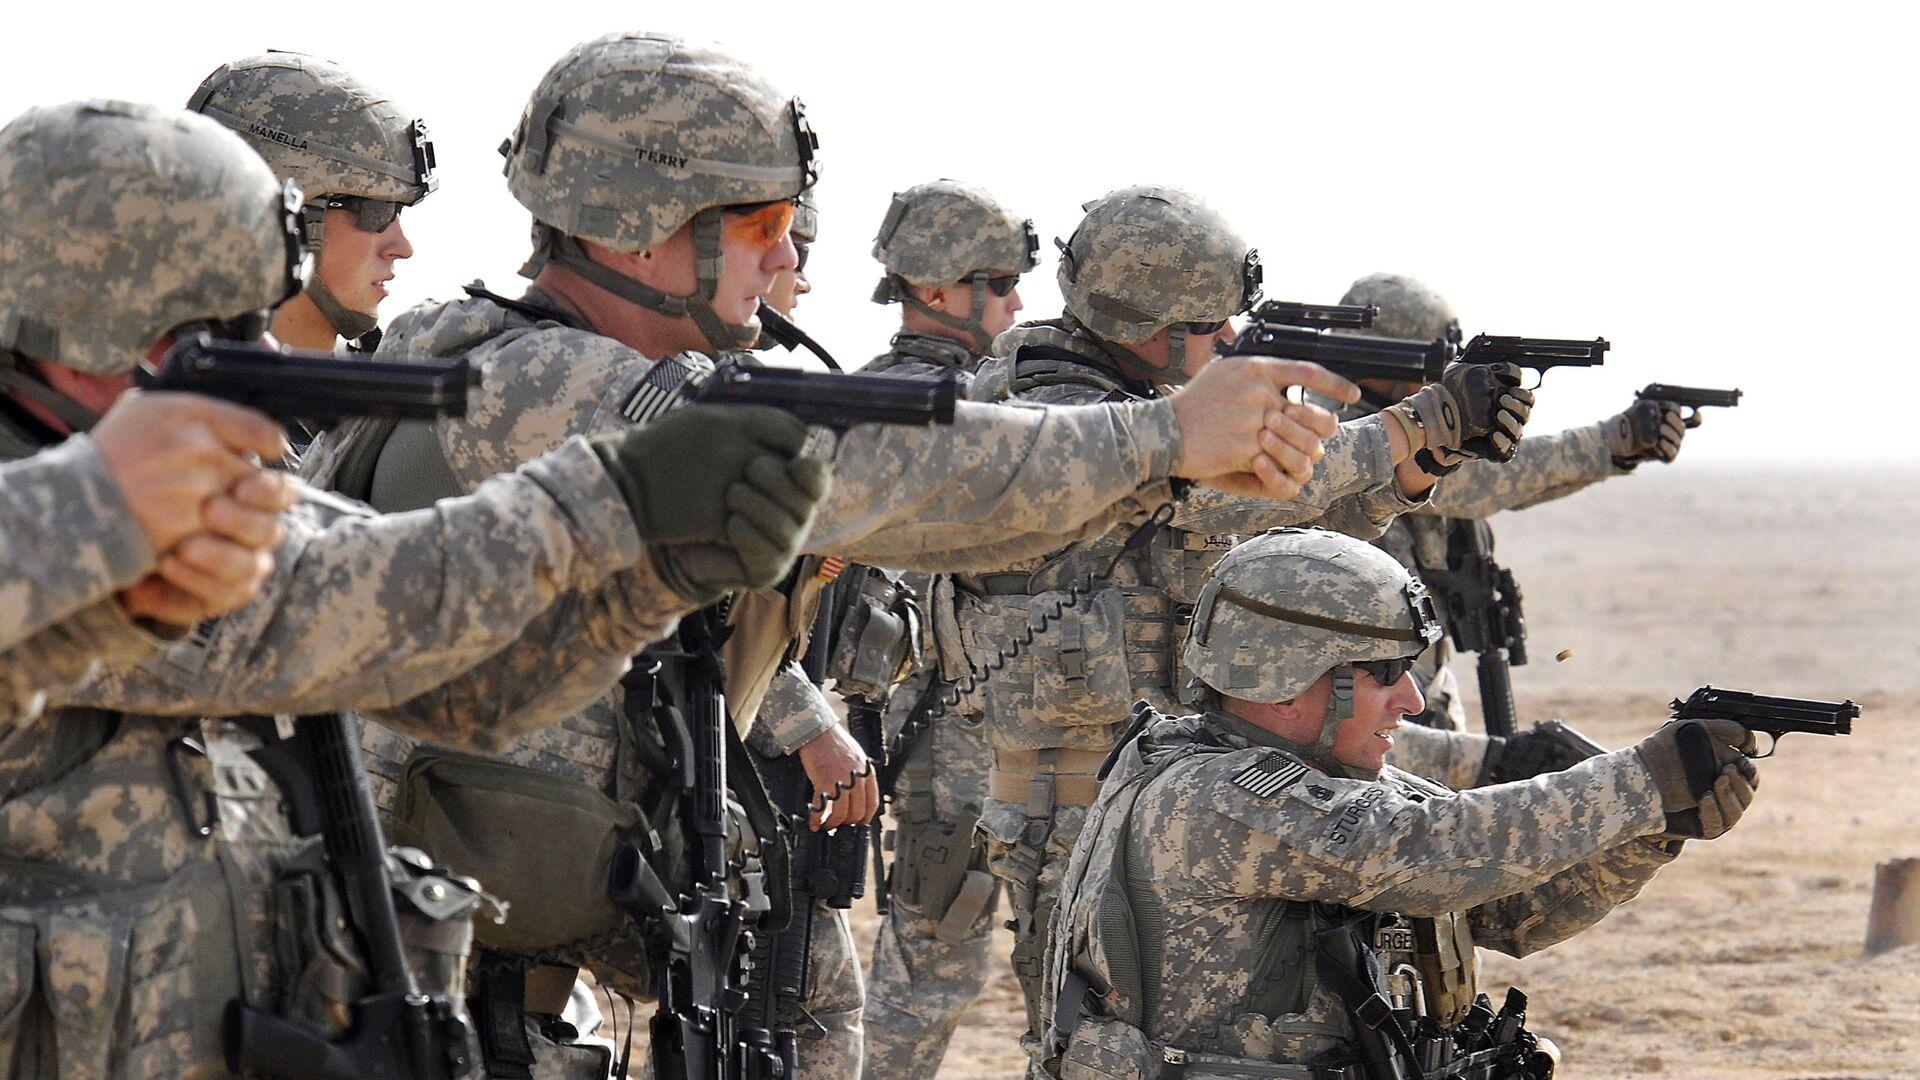 Americká armáda během taktických cvičení v Basře v Iráku - Sputnik Česká republika, 1920, 18.05.2021